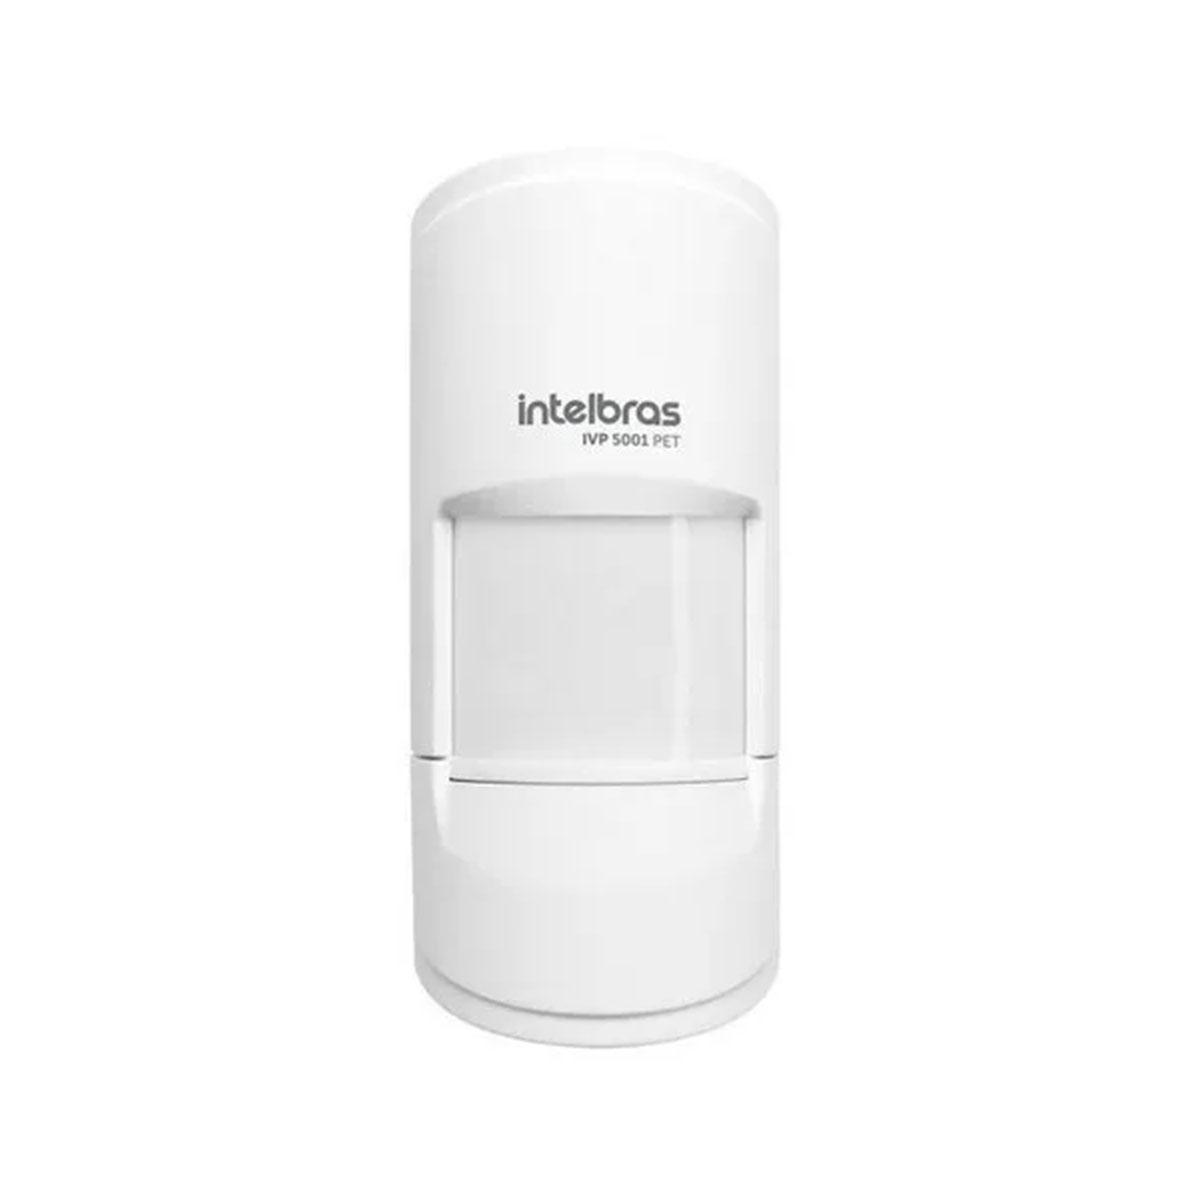 Kit 10 Sensor Intelbras Pet 20 Kg Ivp 5001 Shield